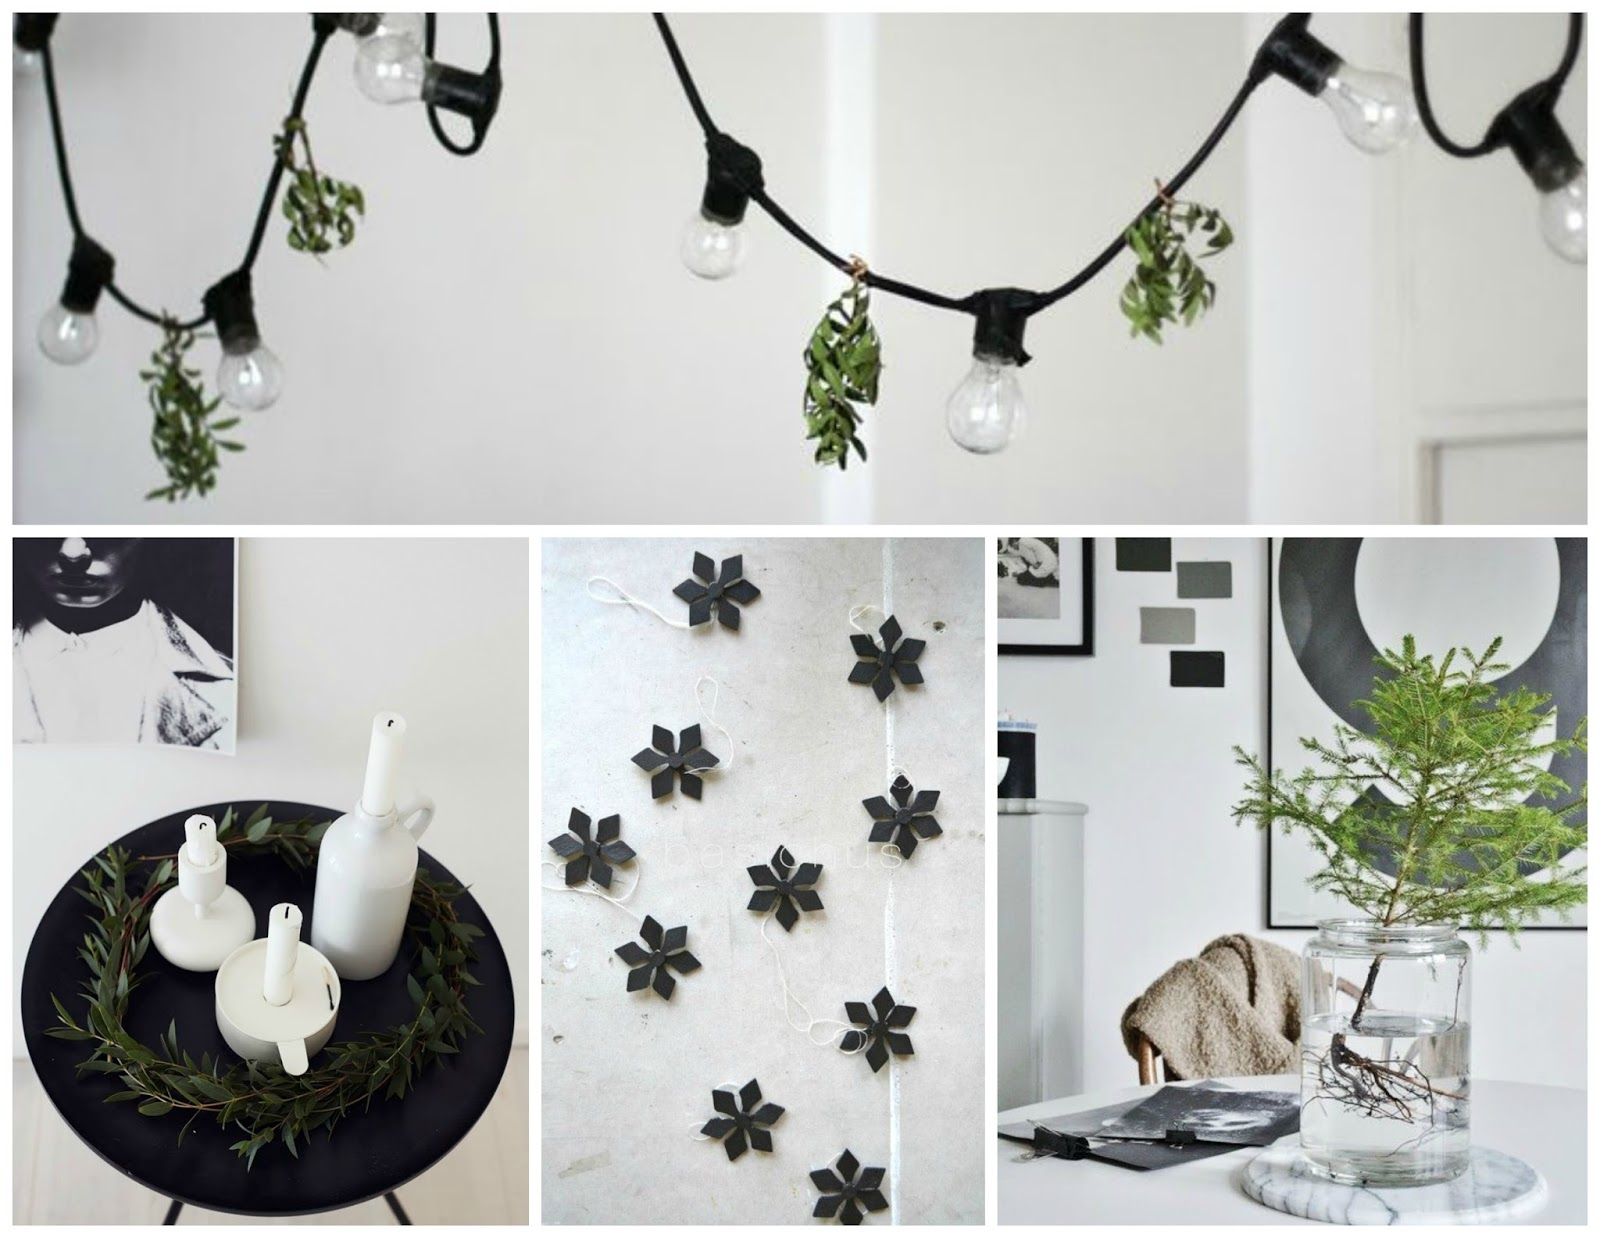 Zwart Wit Kerstdecoraties : Kerst moodboard #1: zwart wit en natuurlijk groen